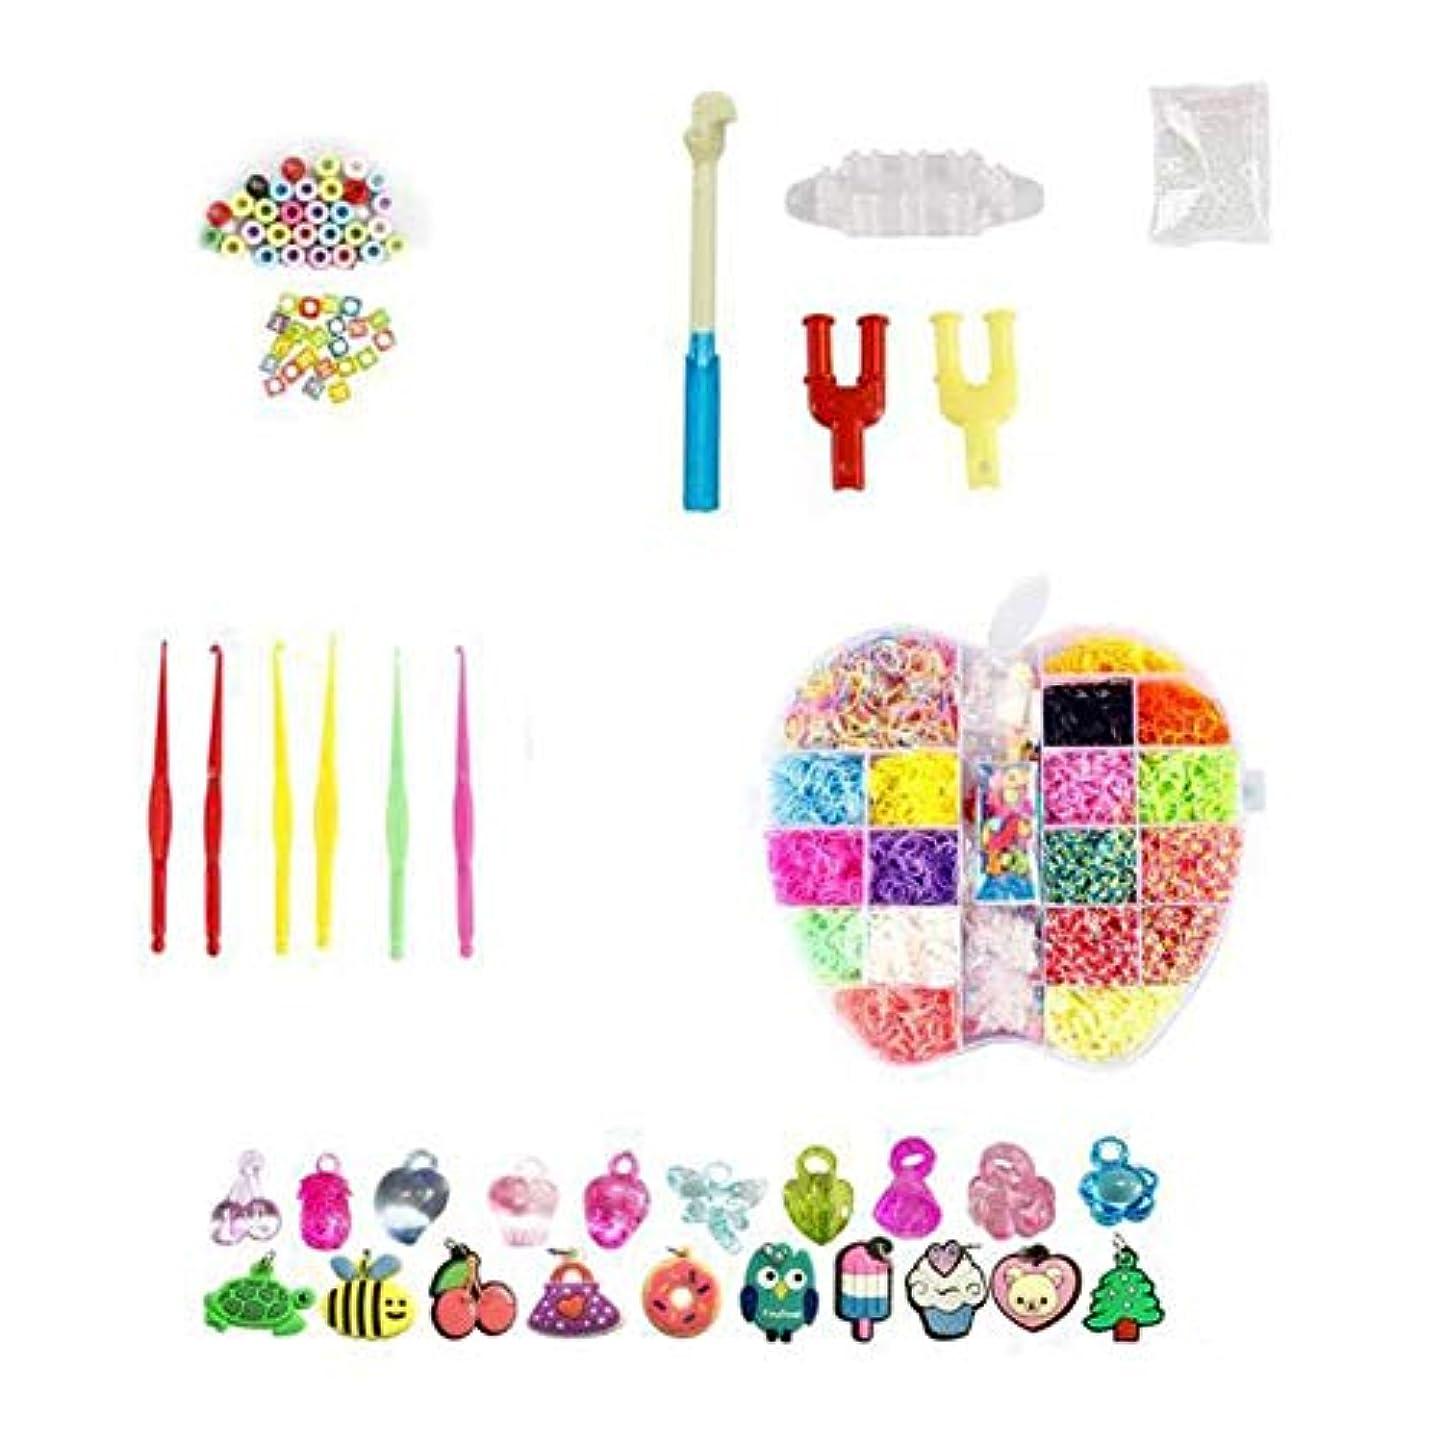 対処する嘆願グリットAnkishi 子供6000PCSのための虹の織機のゴムバンド結め換え品のキットDIYの編むおもちゃ